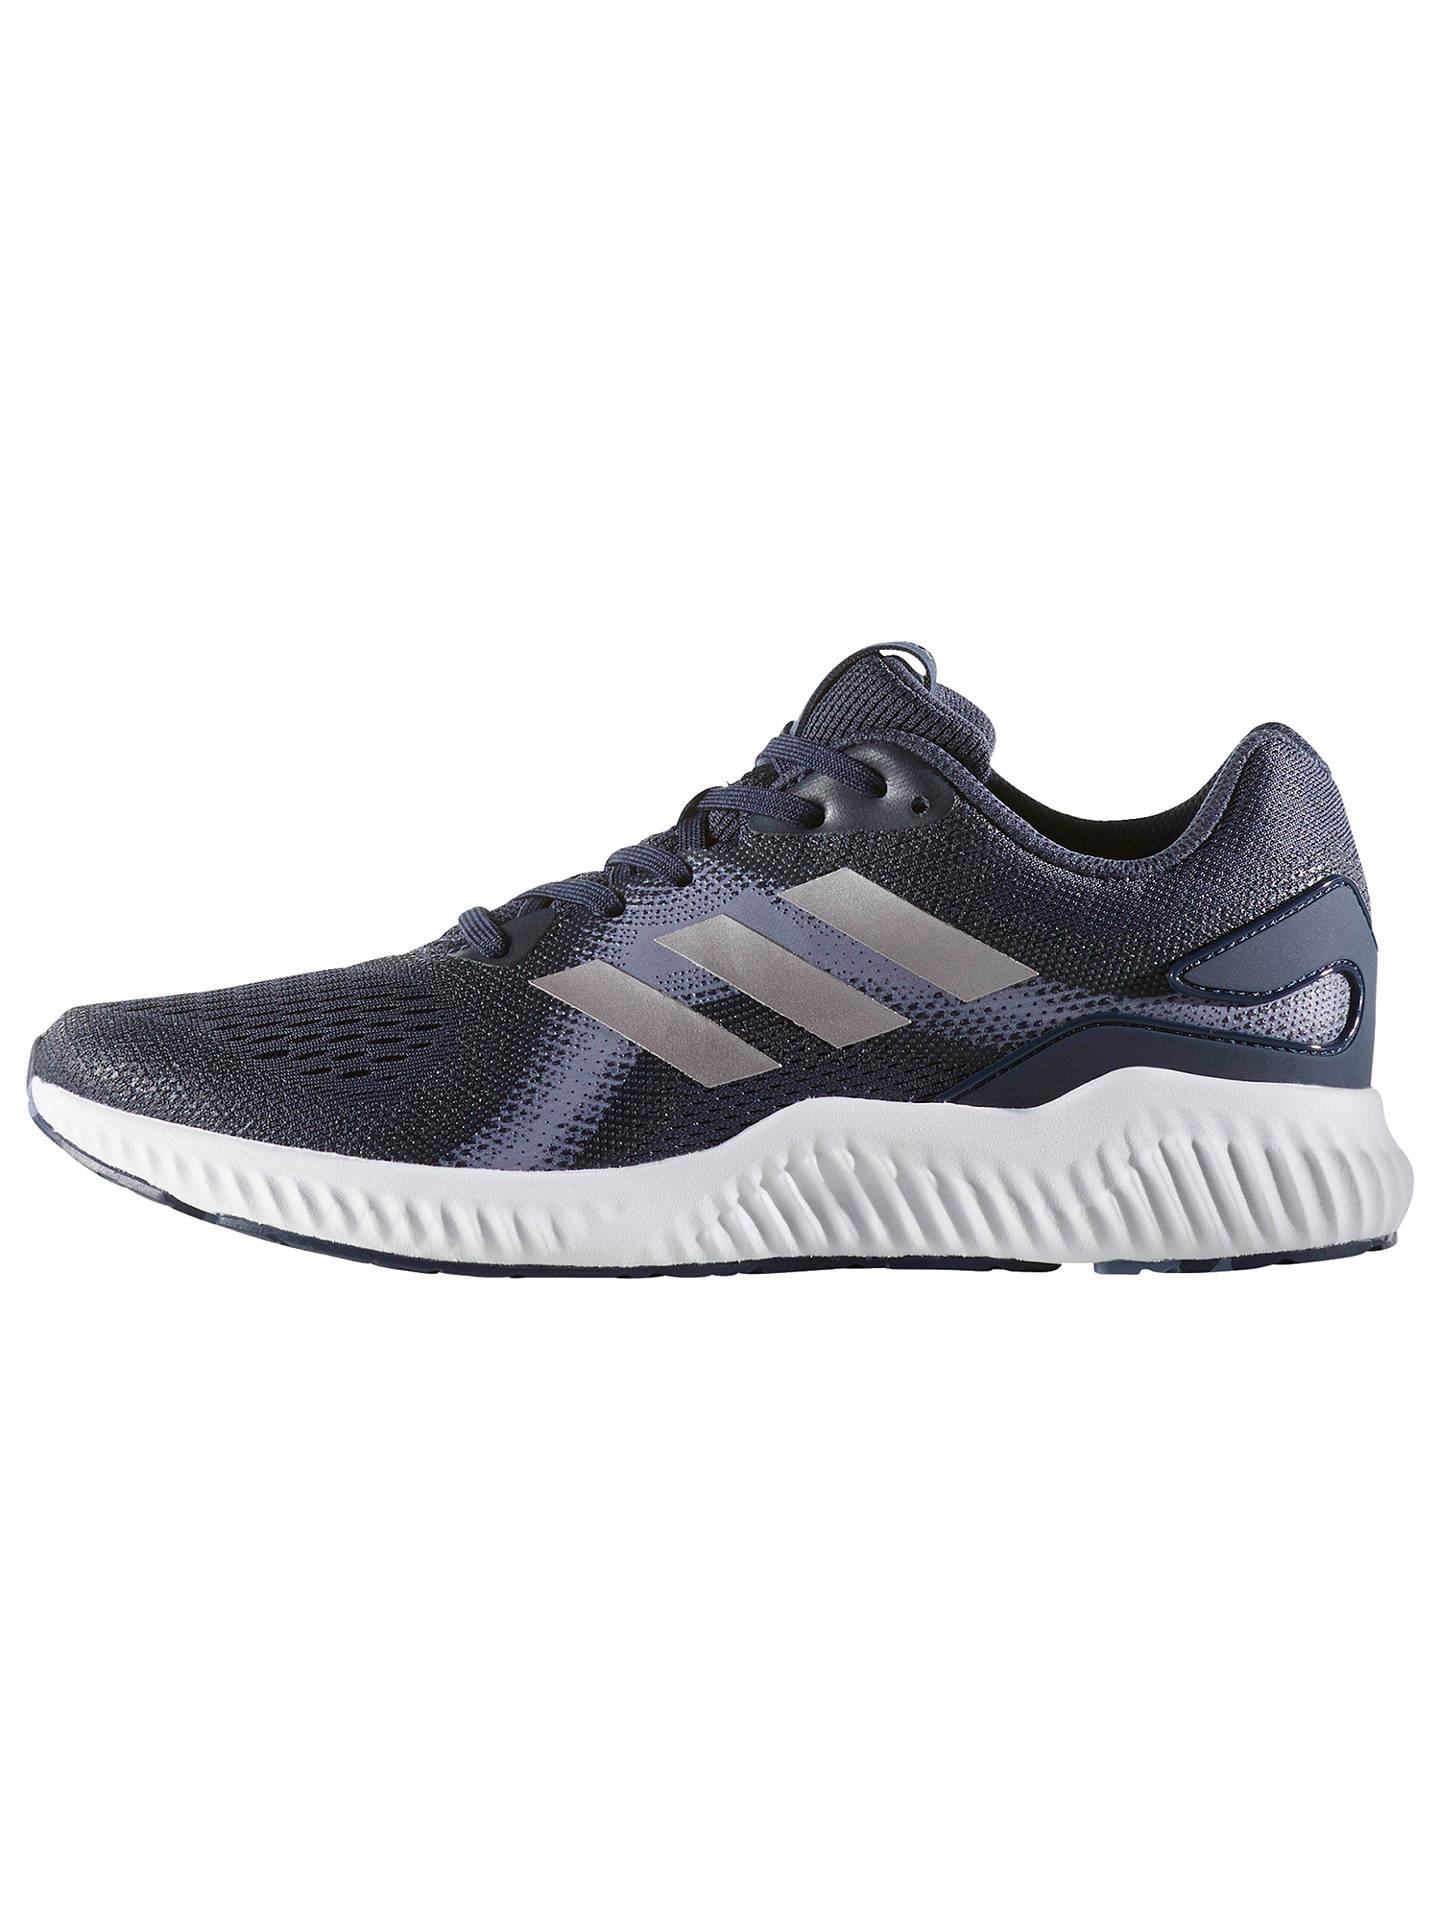 adidas Aerobounce ST Women's Running Shoes, Blue at John